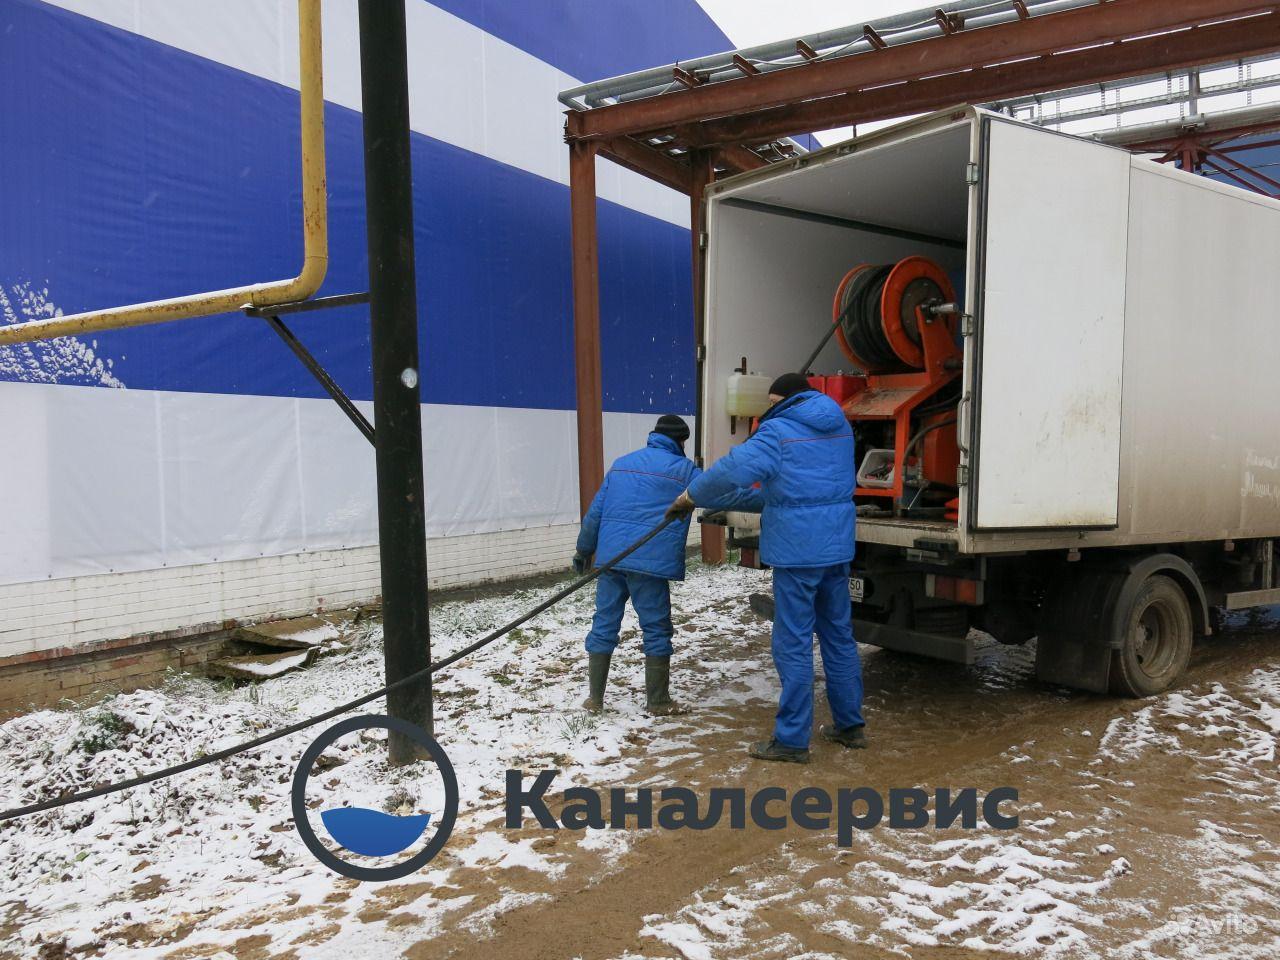 Устранение засоров прочистка труб канализации 24/7 купить на Вуёк.ру - фотография № 2